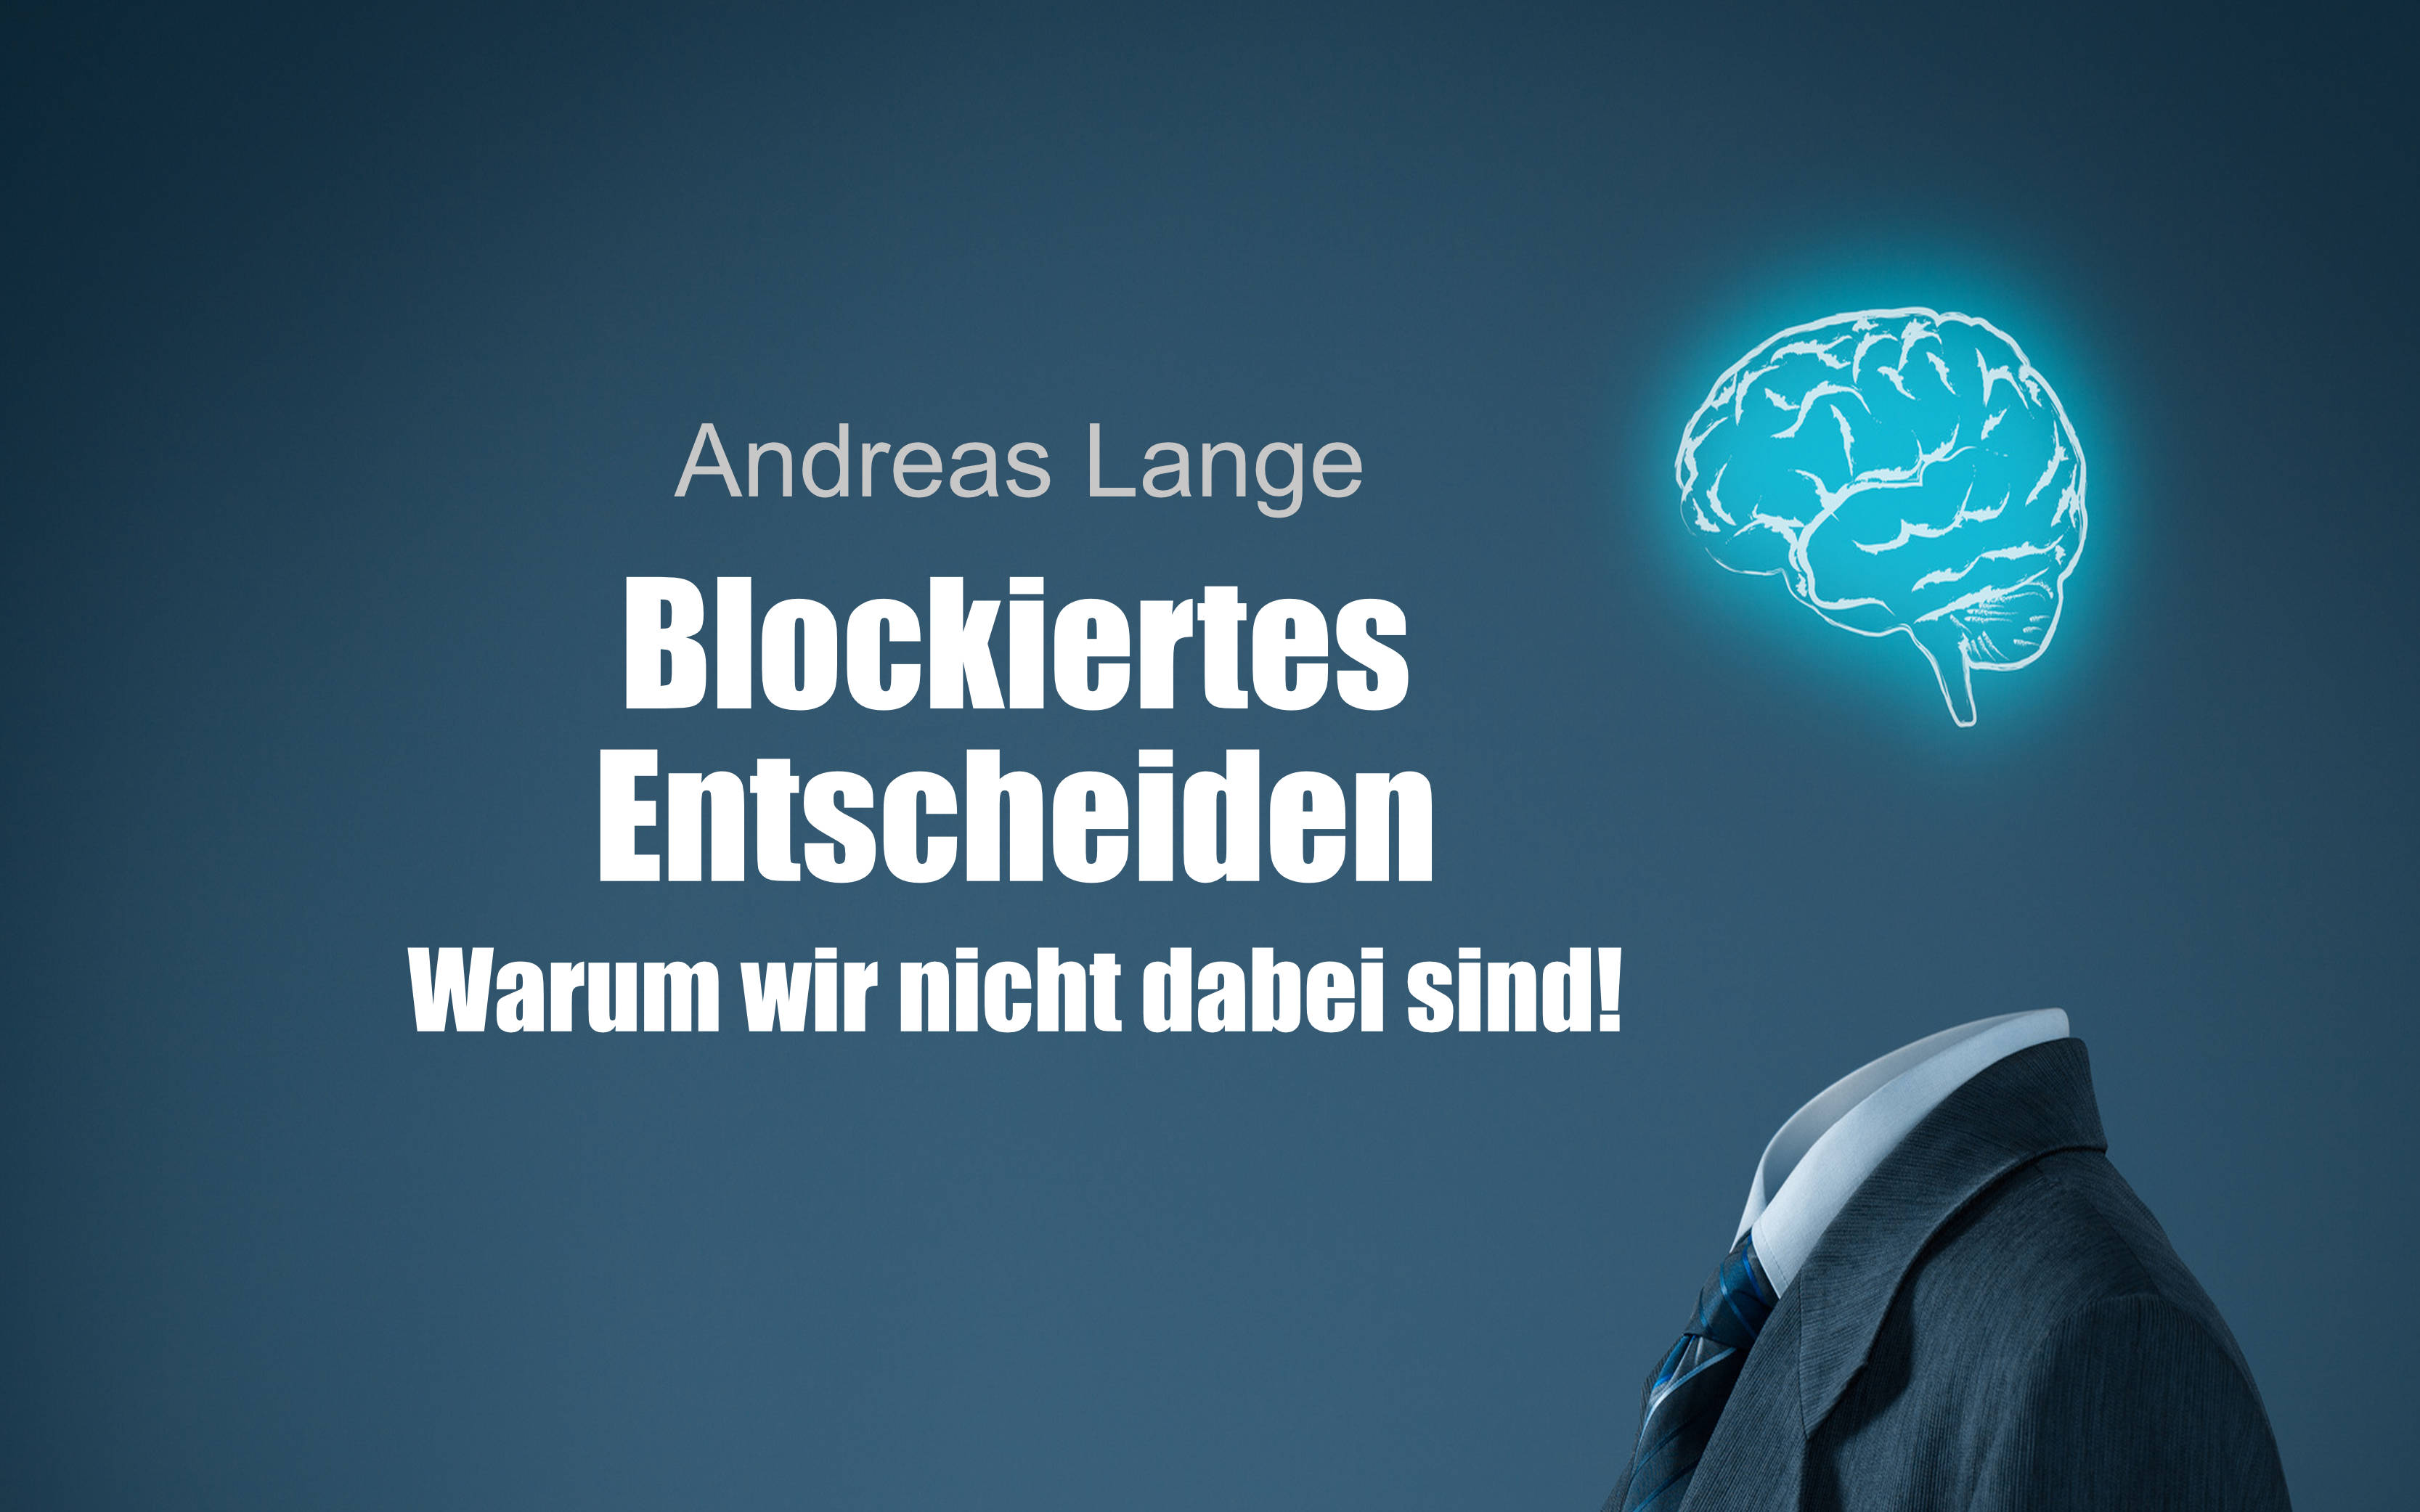 Vortrag Blockiertes Entscheiden